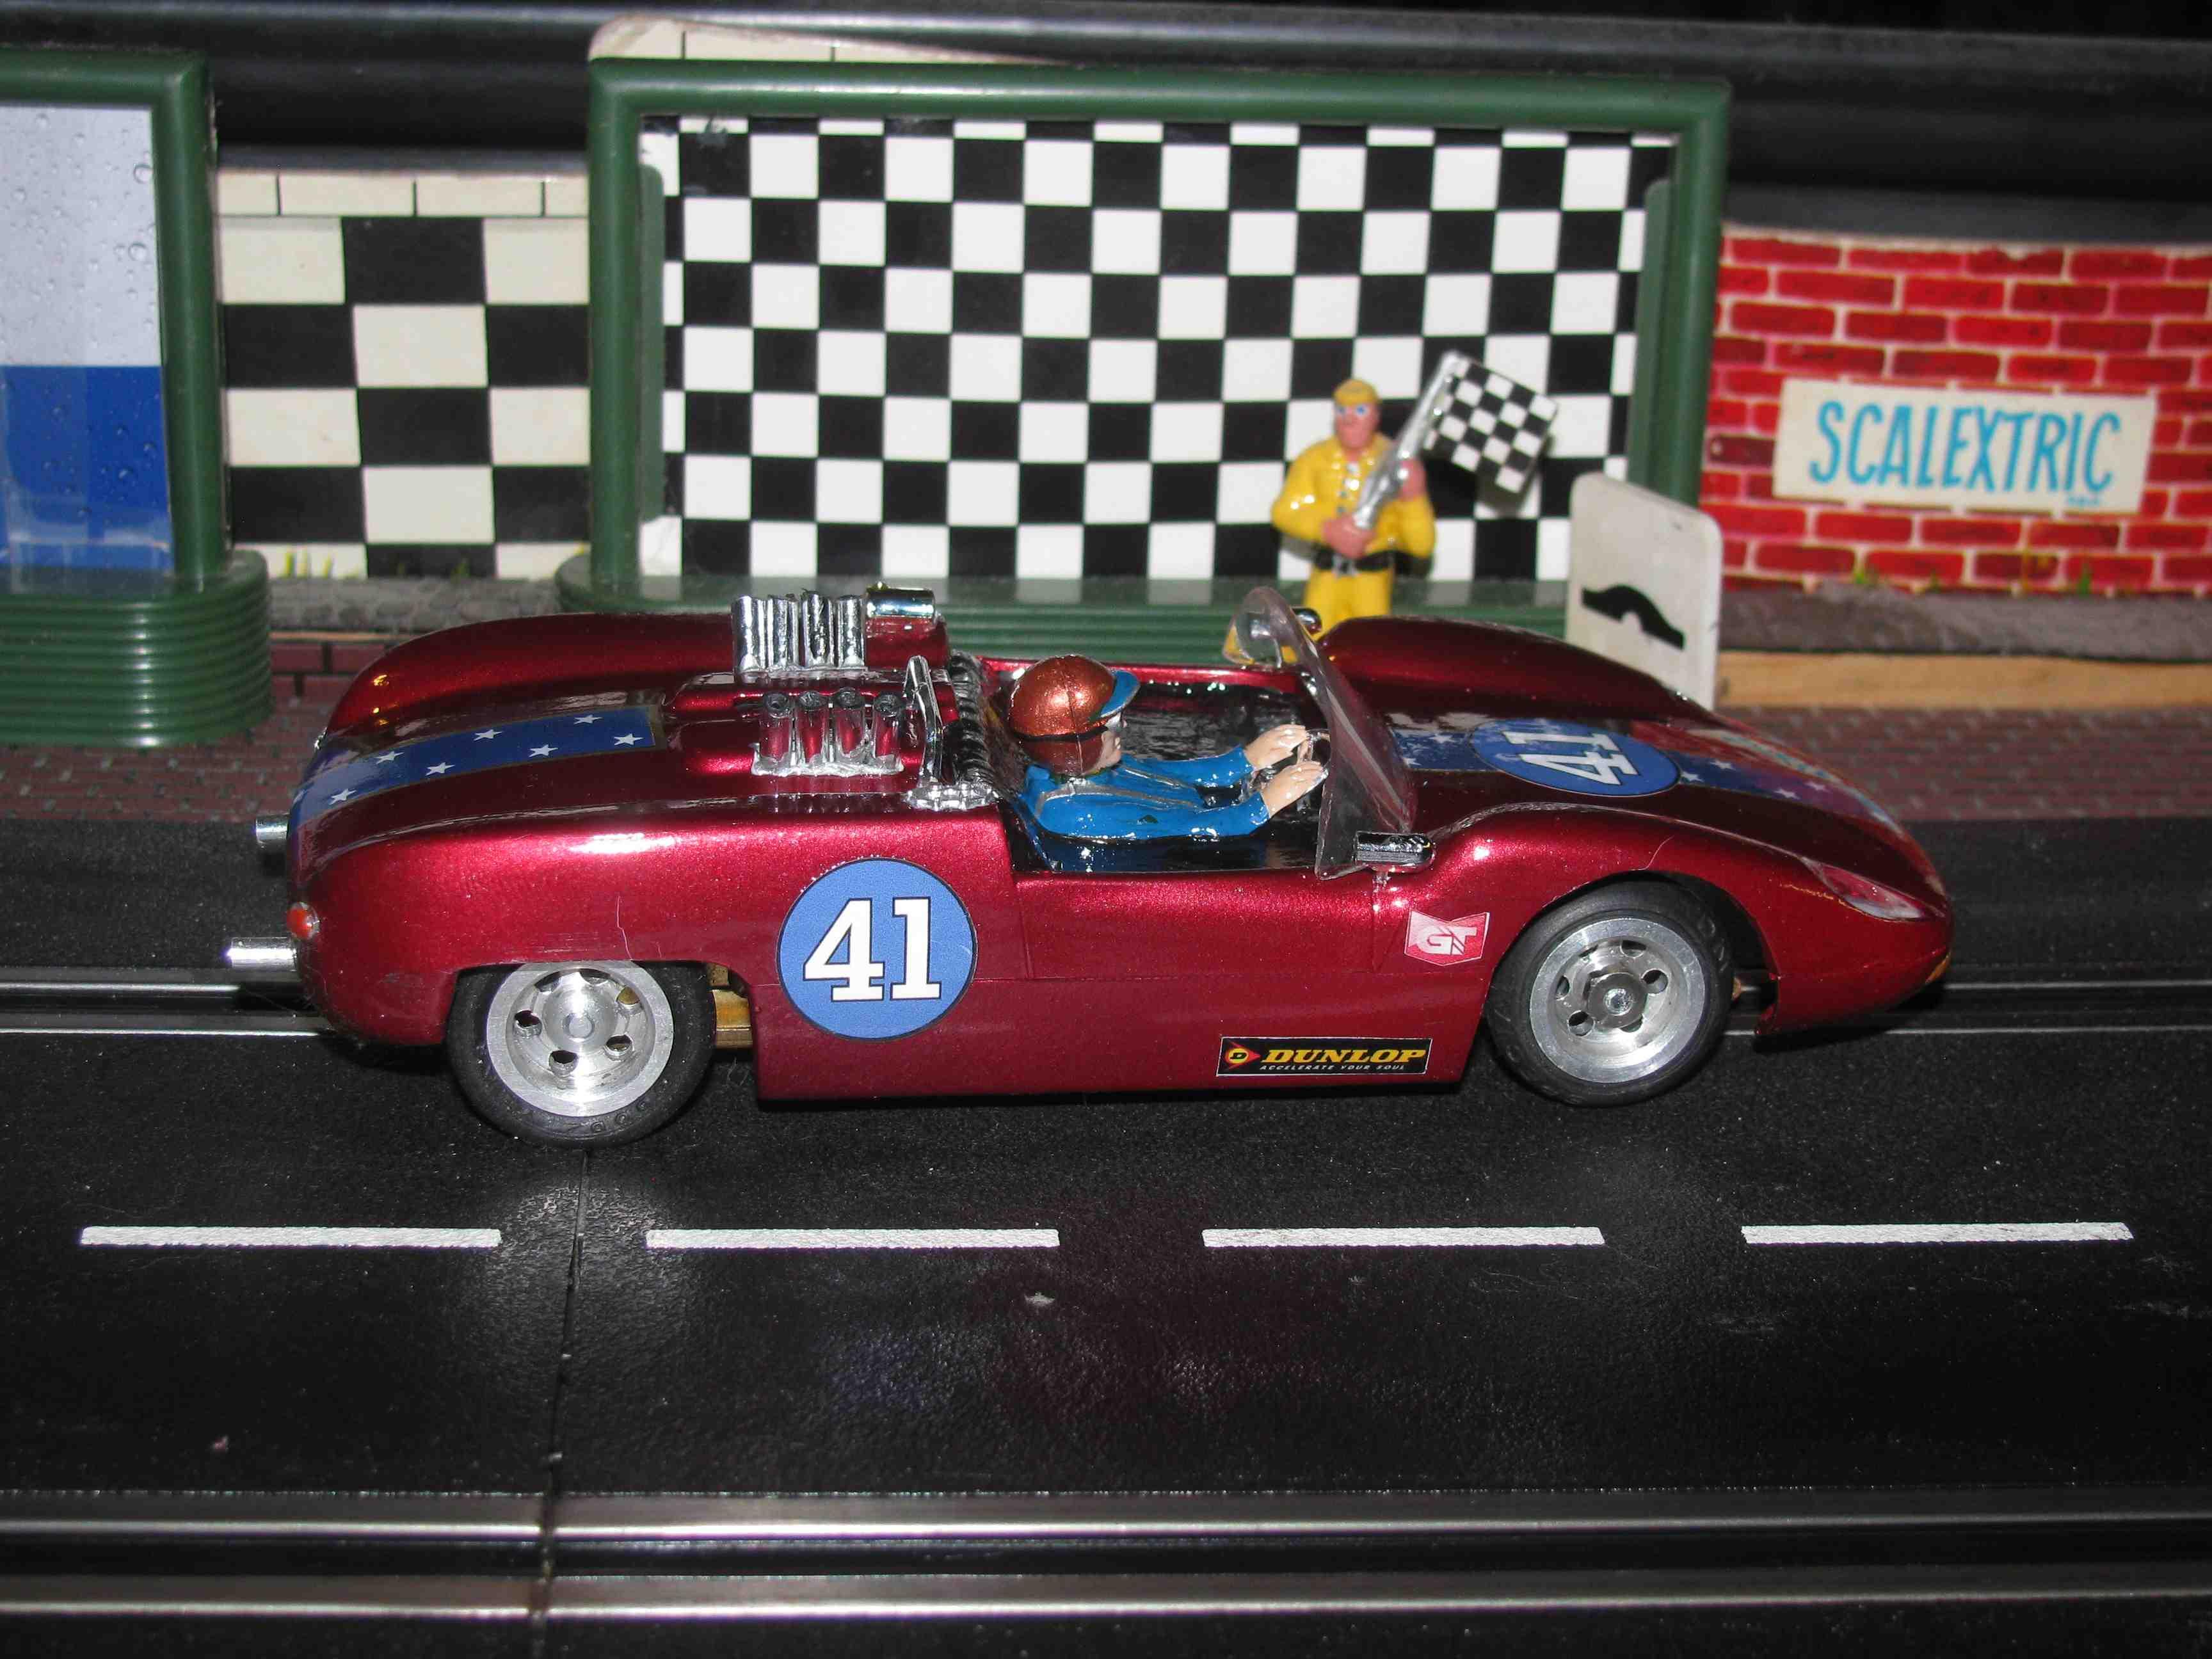 * Winter Super Sale * Vintage Mongram Scarab Slot Car 1:24 Scale – Car 41